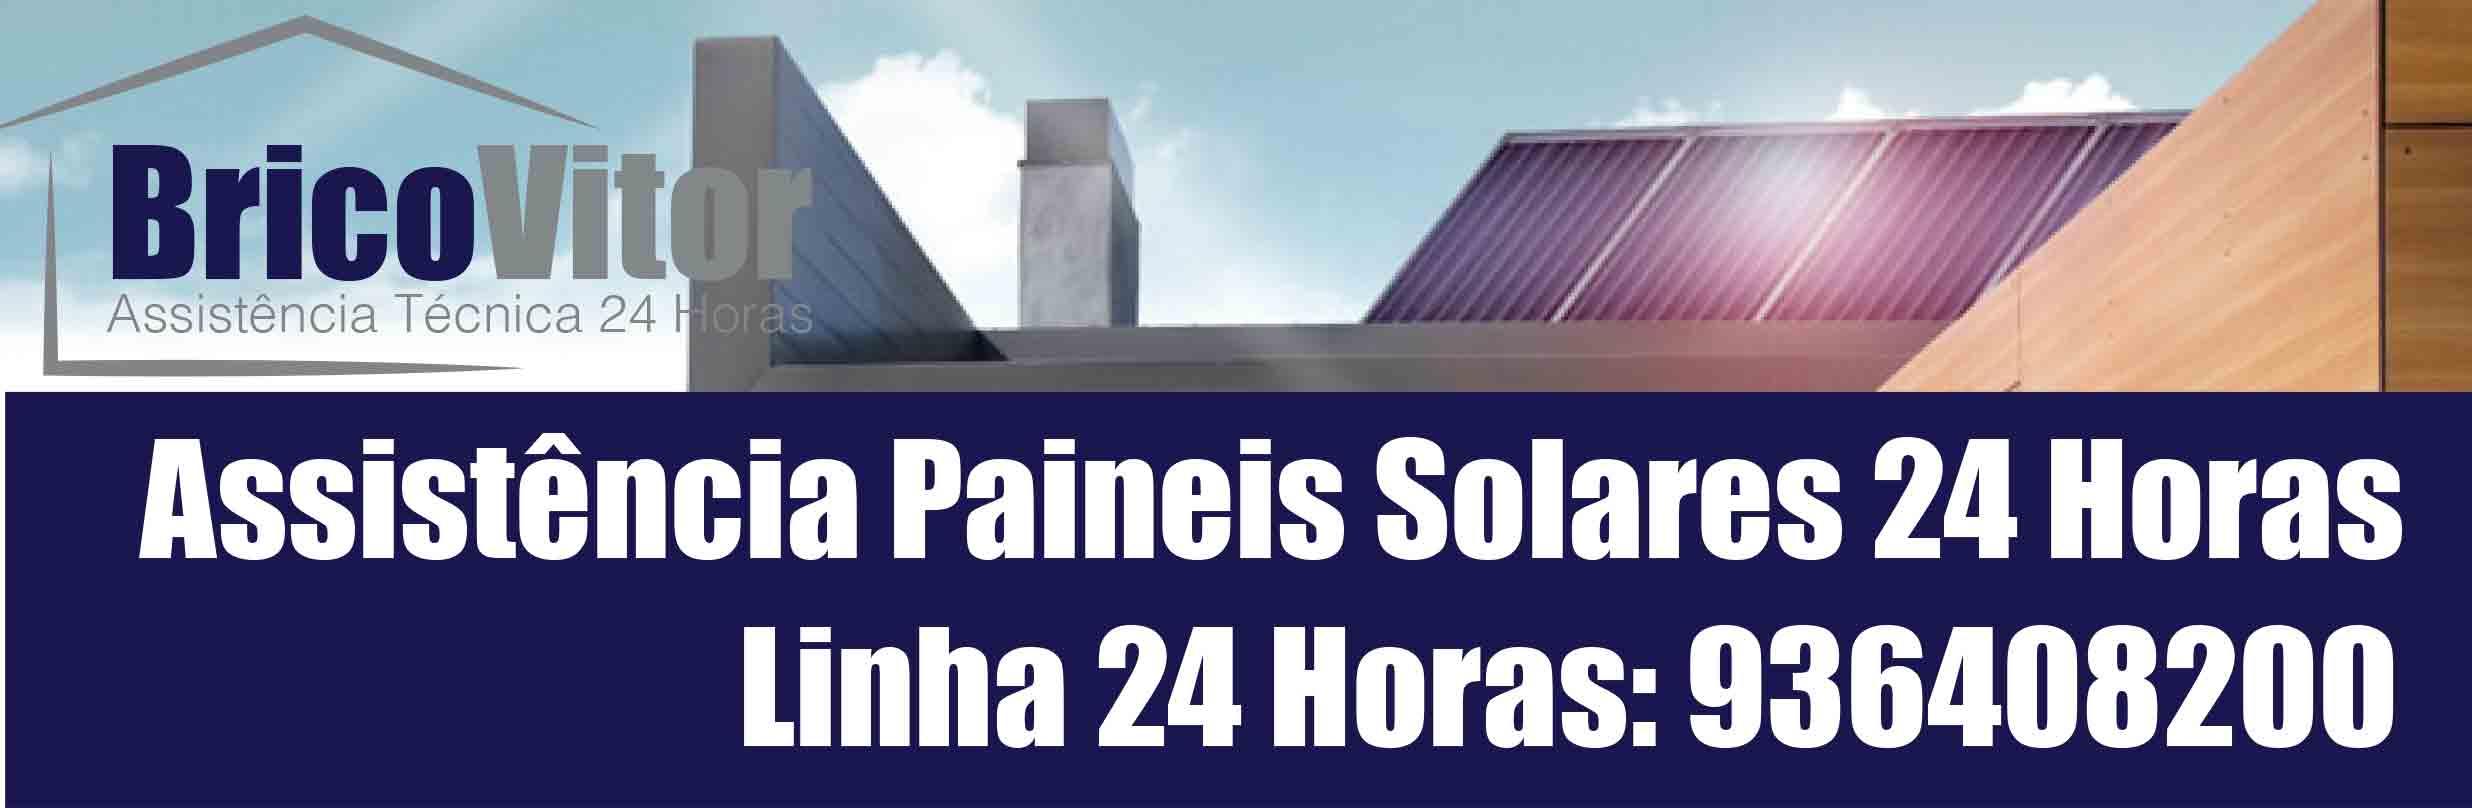 Assistência Painéis Solares Aveiro - Manutenção - Reparação